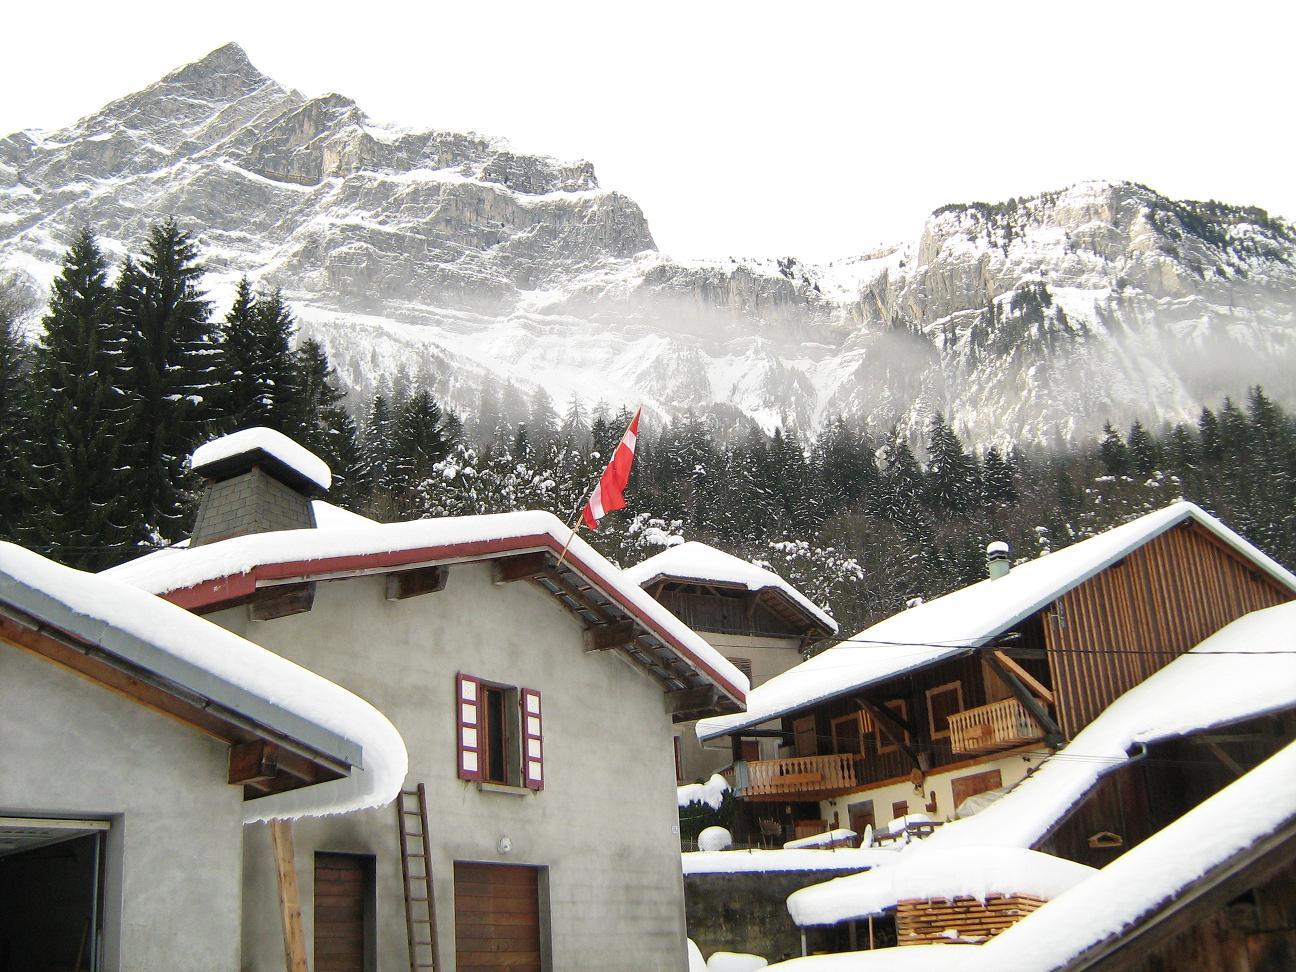 Le haut du village sous la neige.